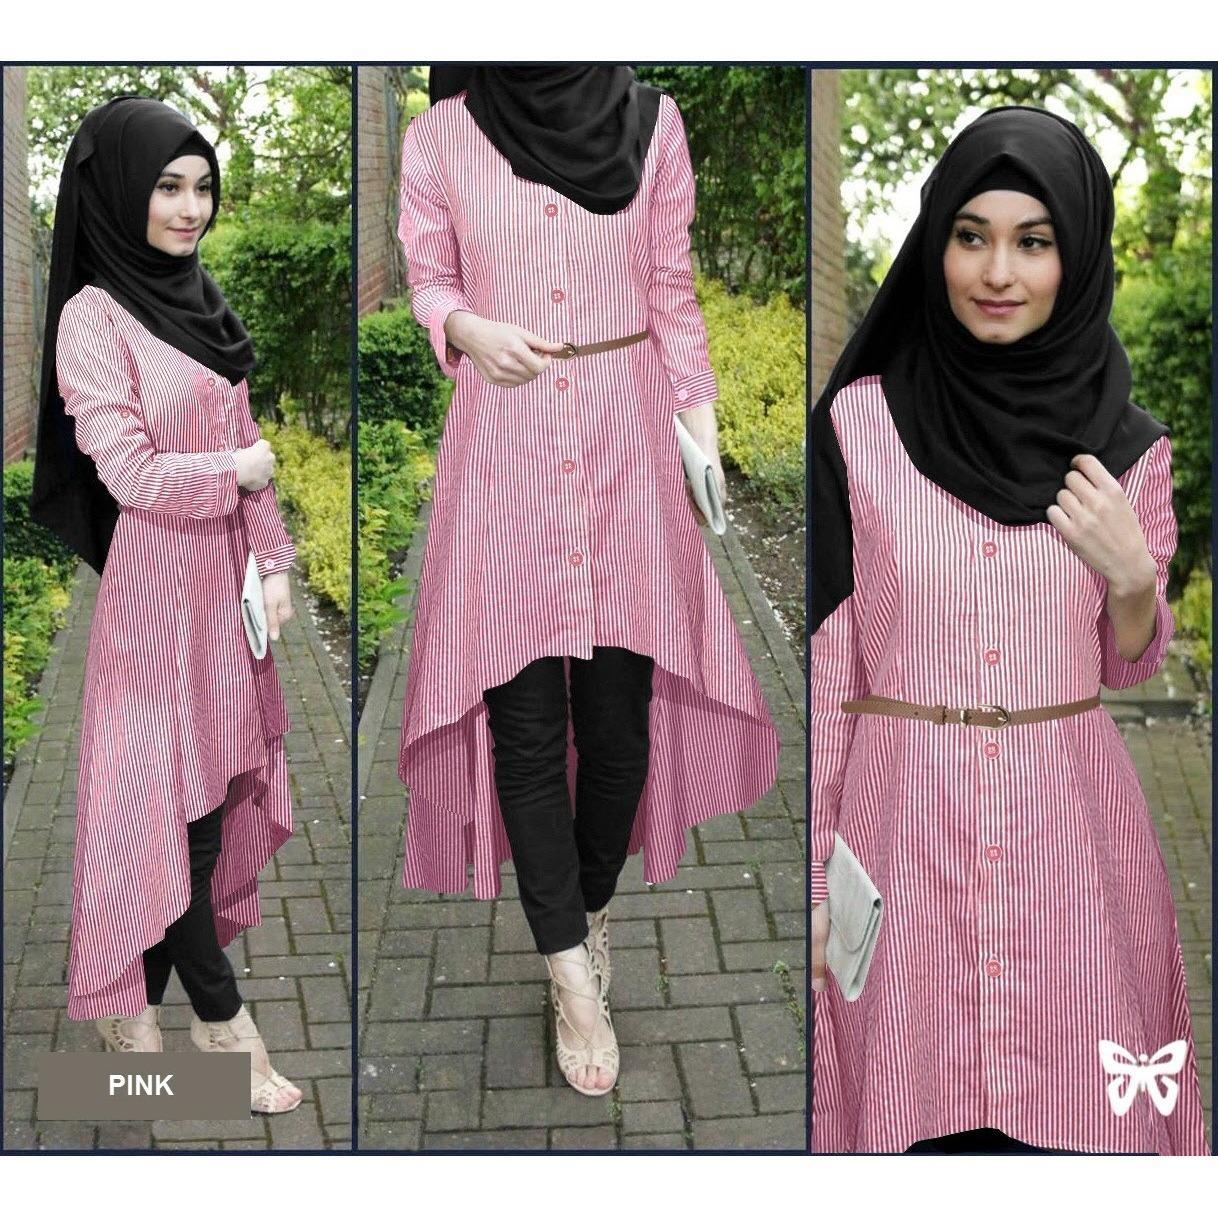 Toko Flavia Store Baju Muslim Wanita Set 4 In 1 Salur Fs0693 Pink Setelan Muslimah Stelan Gamis Hijab Atasan Blouse Terusan Kemeja Tunik Lengan Panjang Garis Bawahan Celana Srsafirasalur Terlengkap